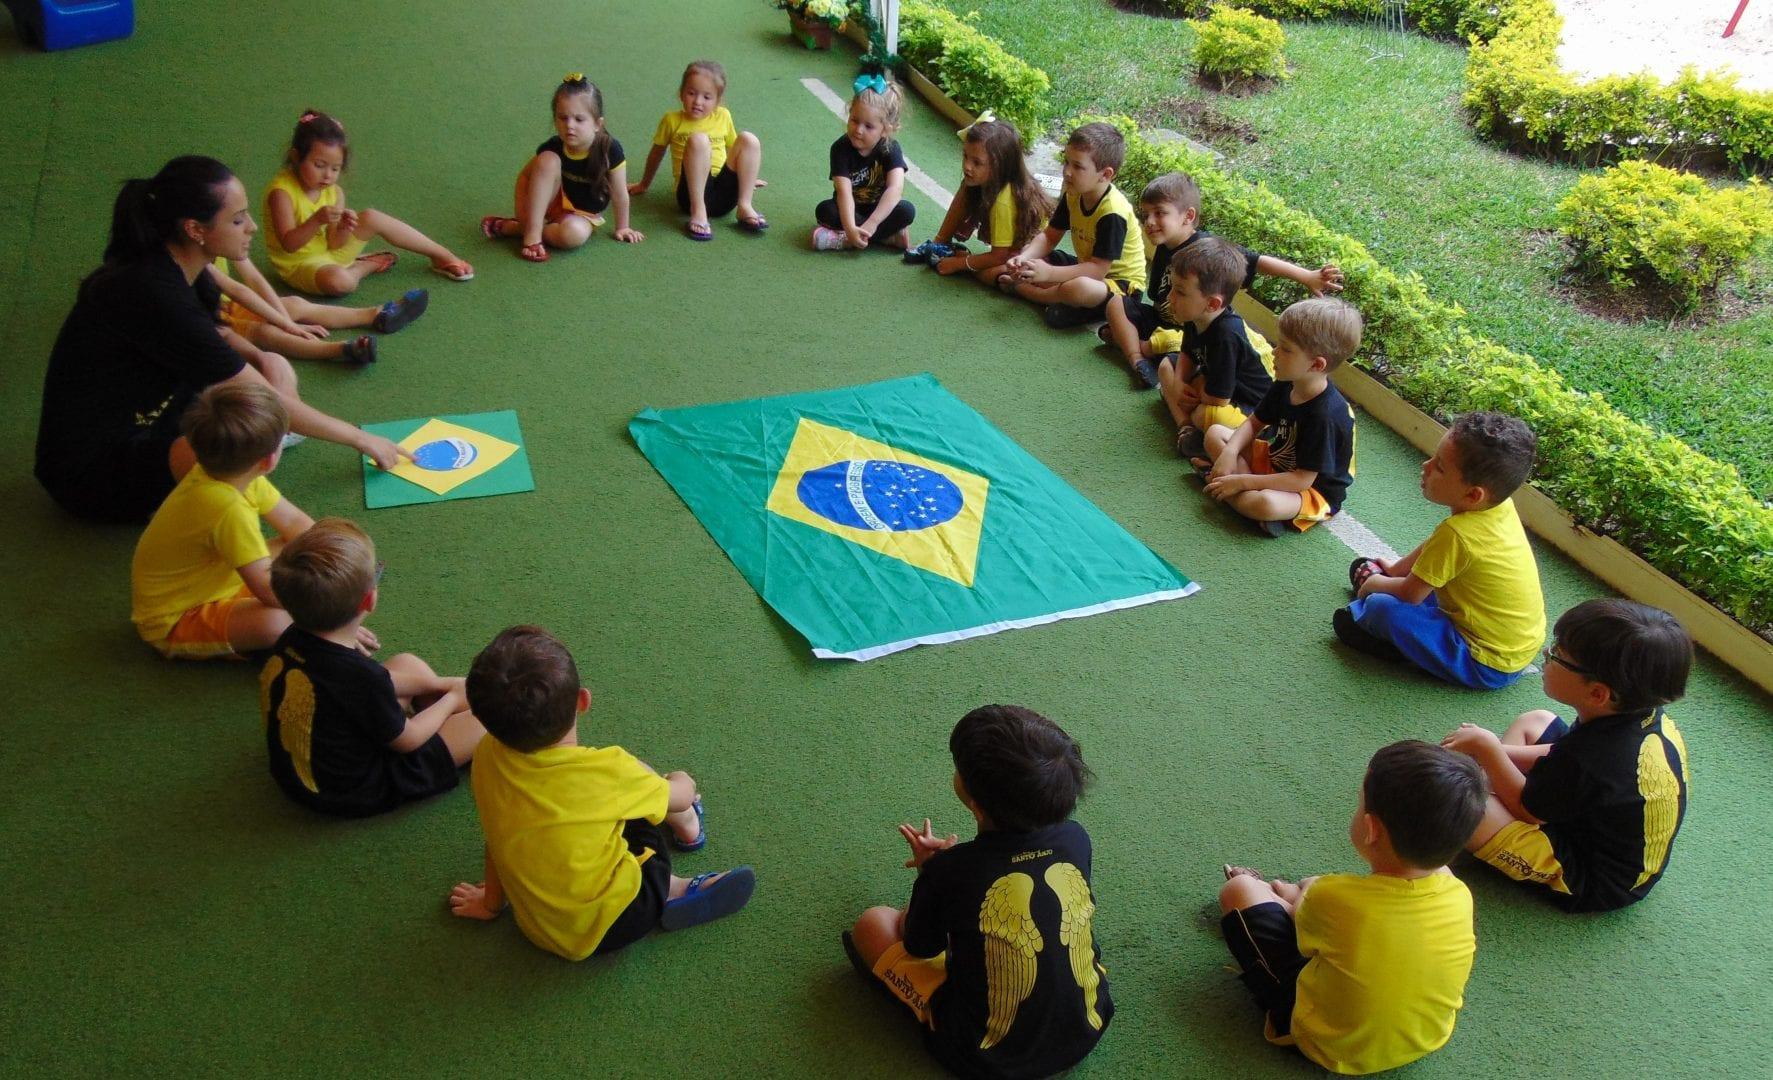 Dia da bandeira- Significado, contexto histórico + curiosidades